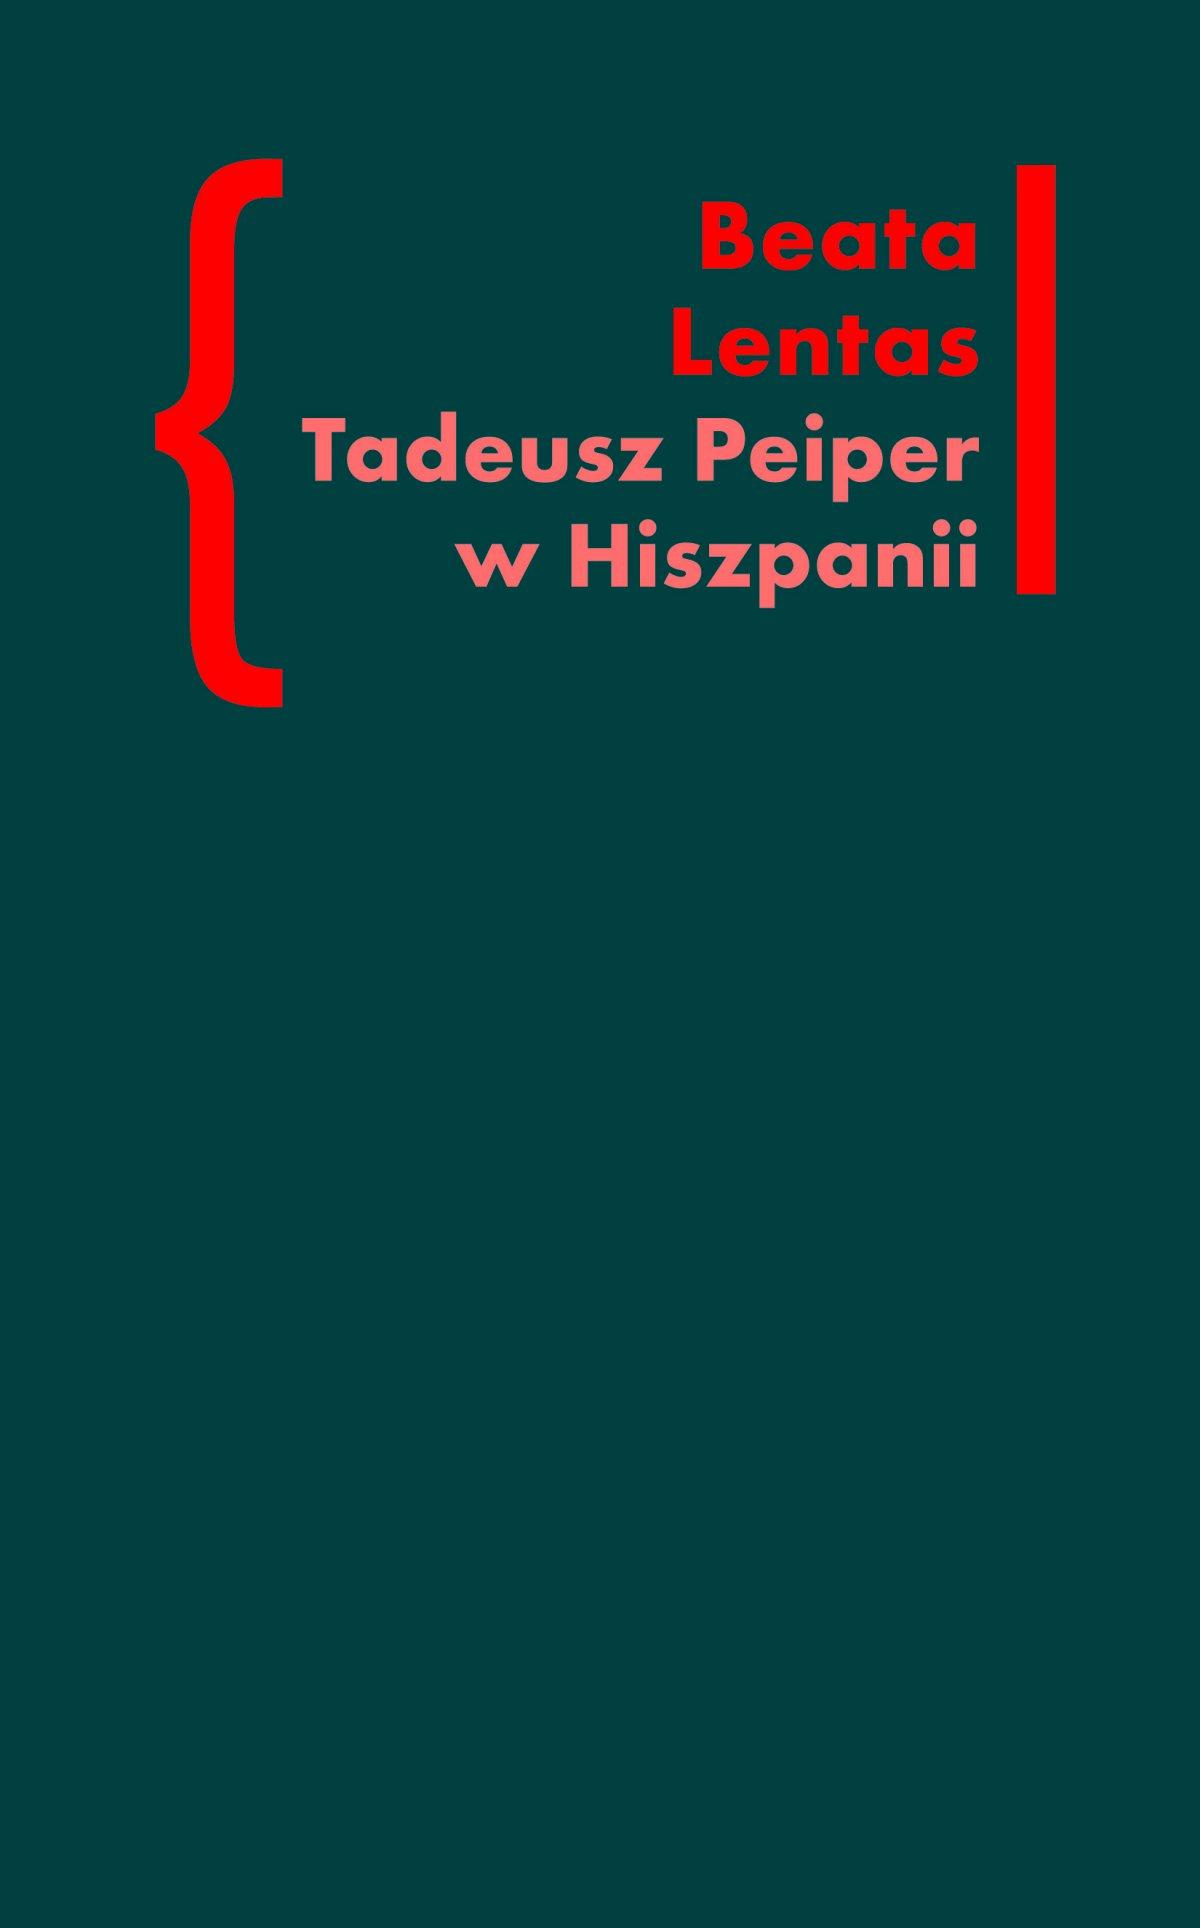 Tadeusz Peiper w Hiszpanii - Ebook (Książka EPUB) do pobrania w formacie EPUB